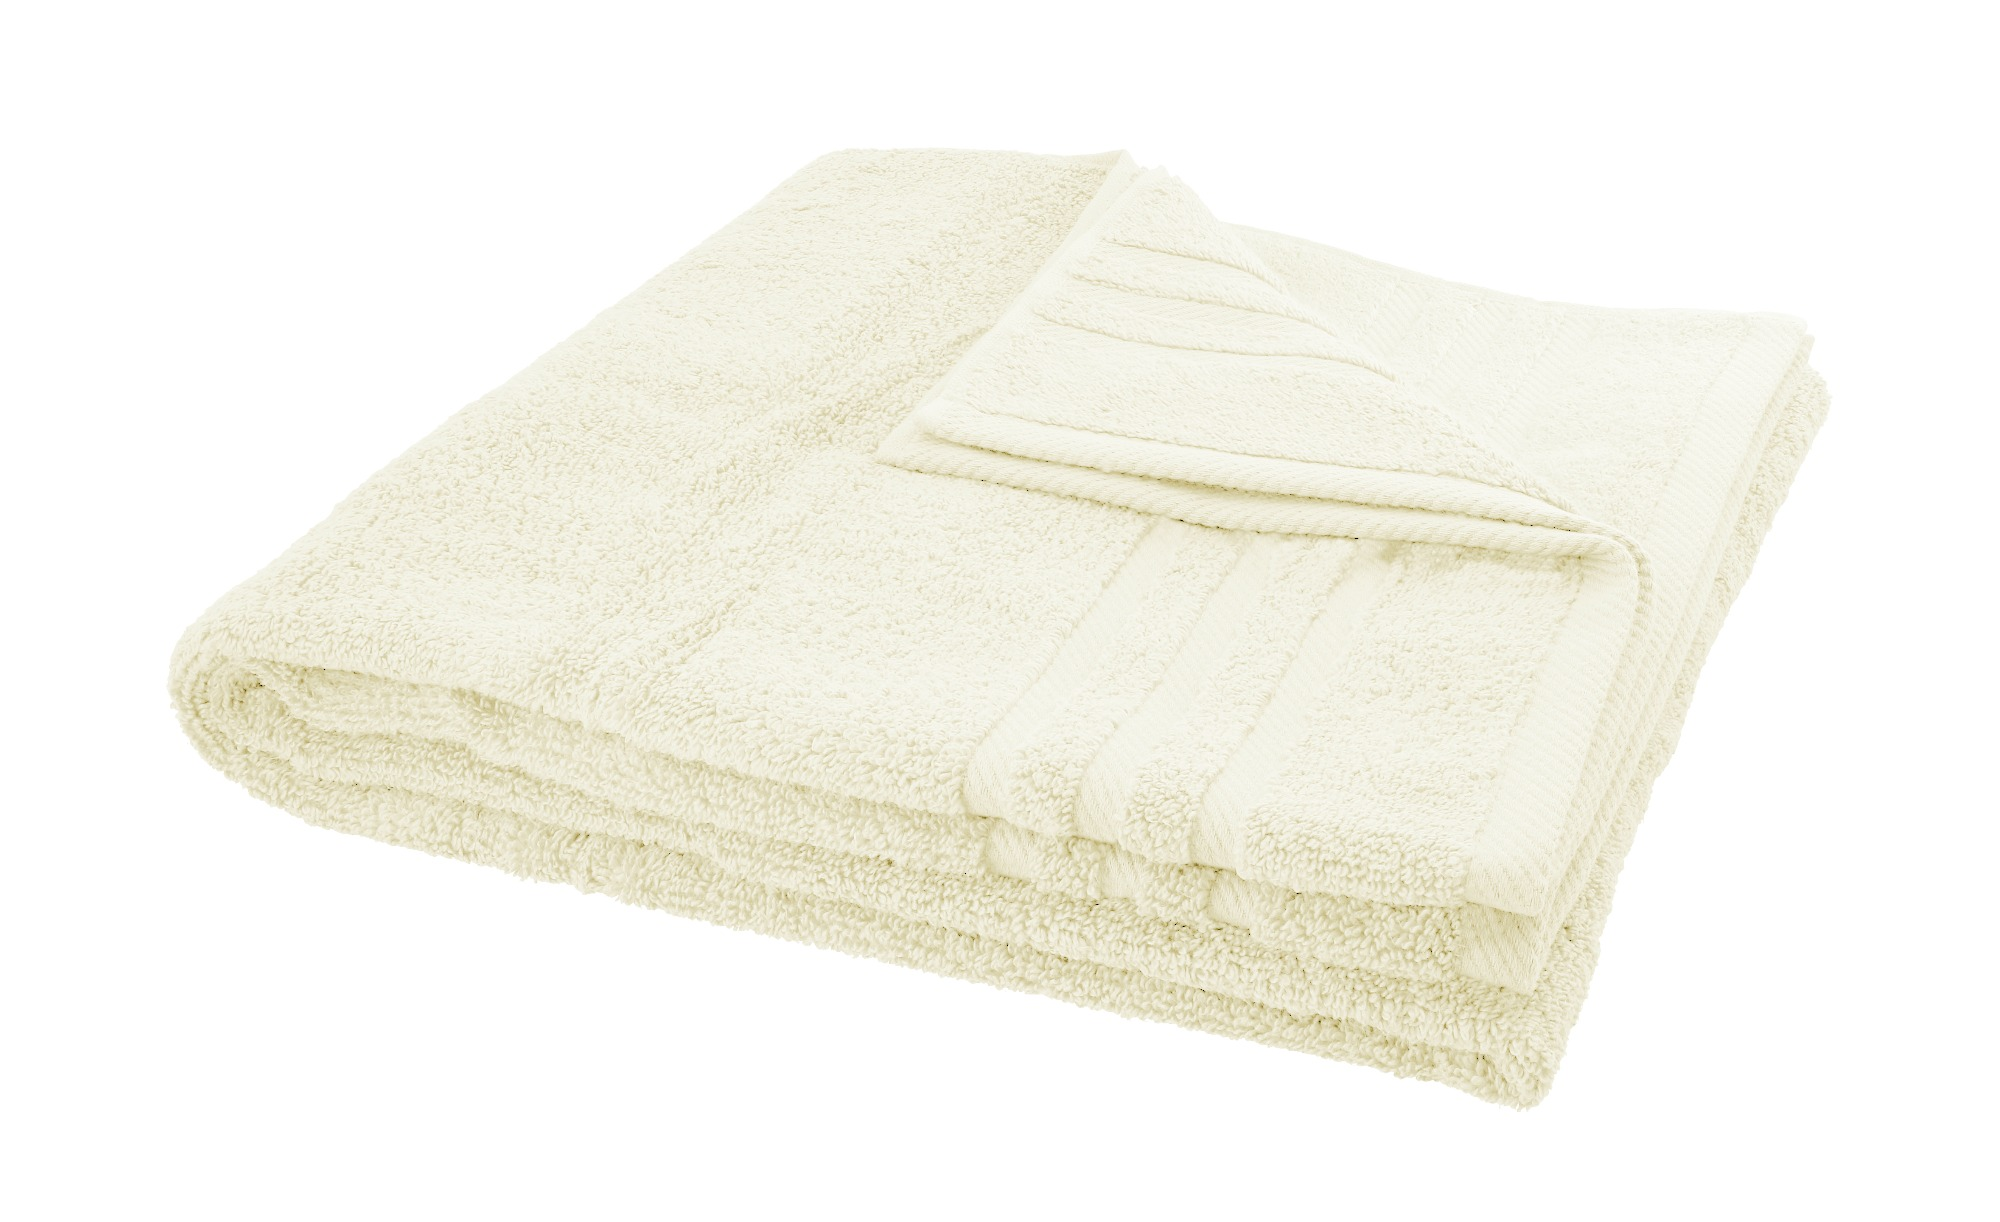 LAVIDA Duschtuch  Soft Cotton ¦ creme ¦ reine Micro-Baumwolle ¦ Maße (cm): B: 70 Badtextilien und Zubehör > Handtücher & Badetücher > Duschtücher - Höffner